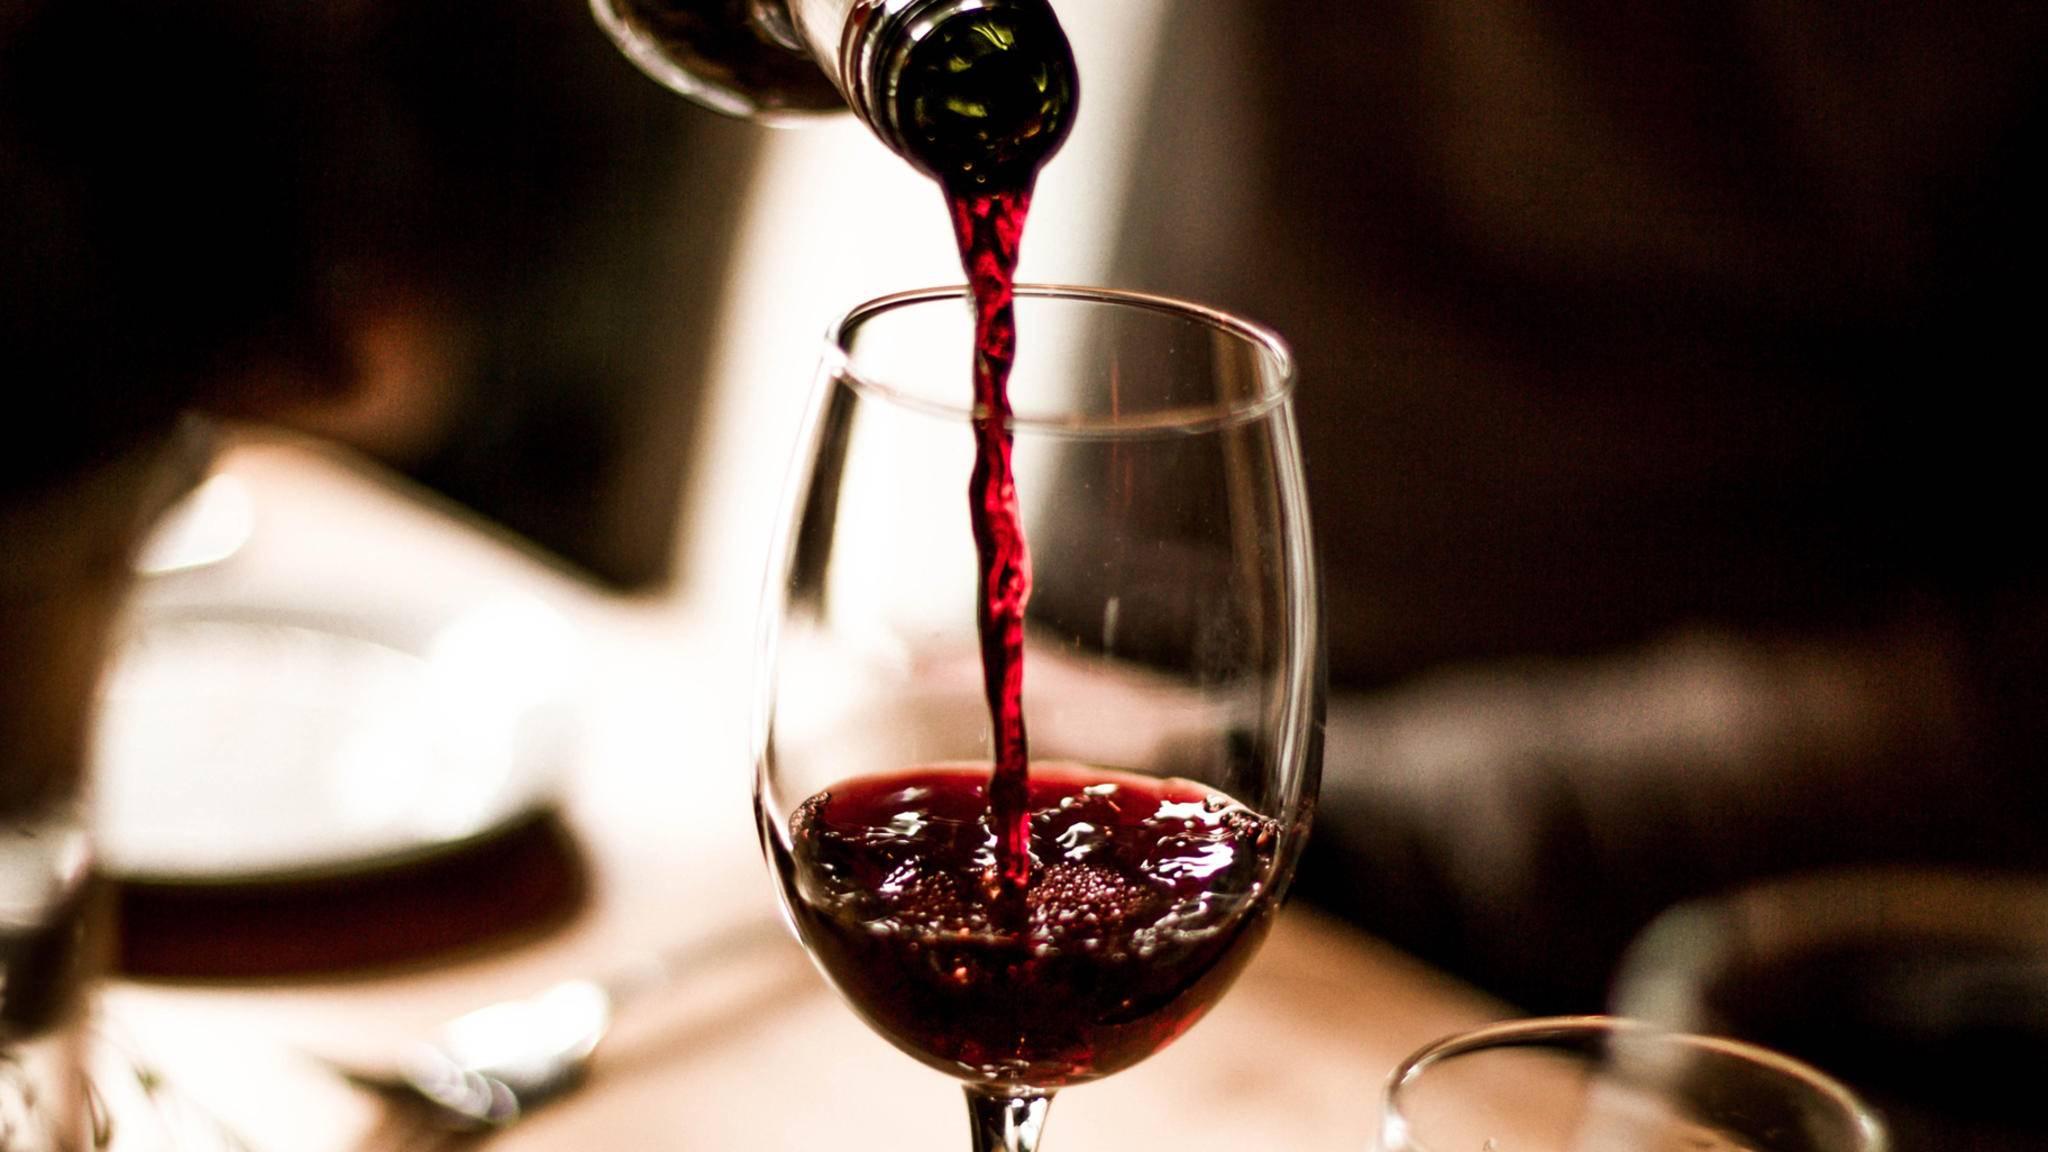 Beim Weineinschenken geht unweigerlich so mancher Tropfen daneben.